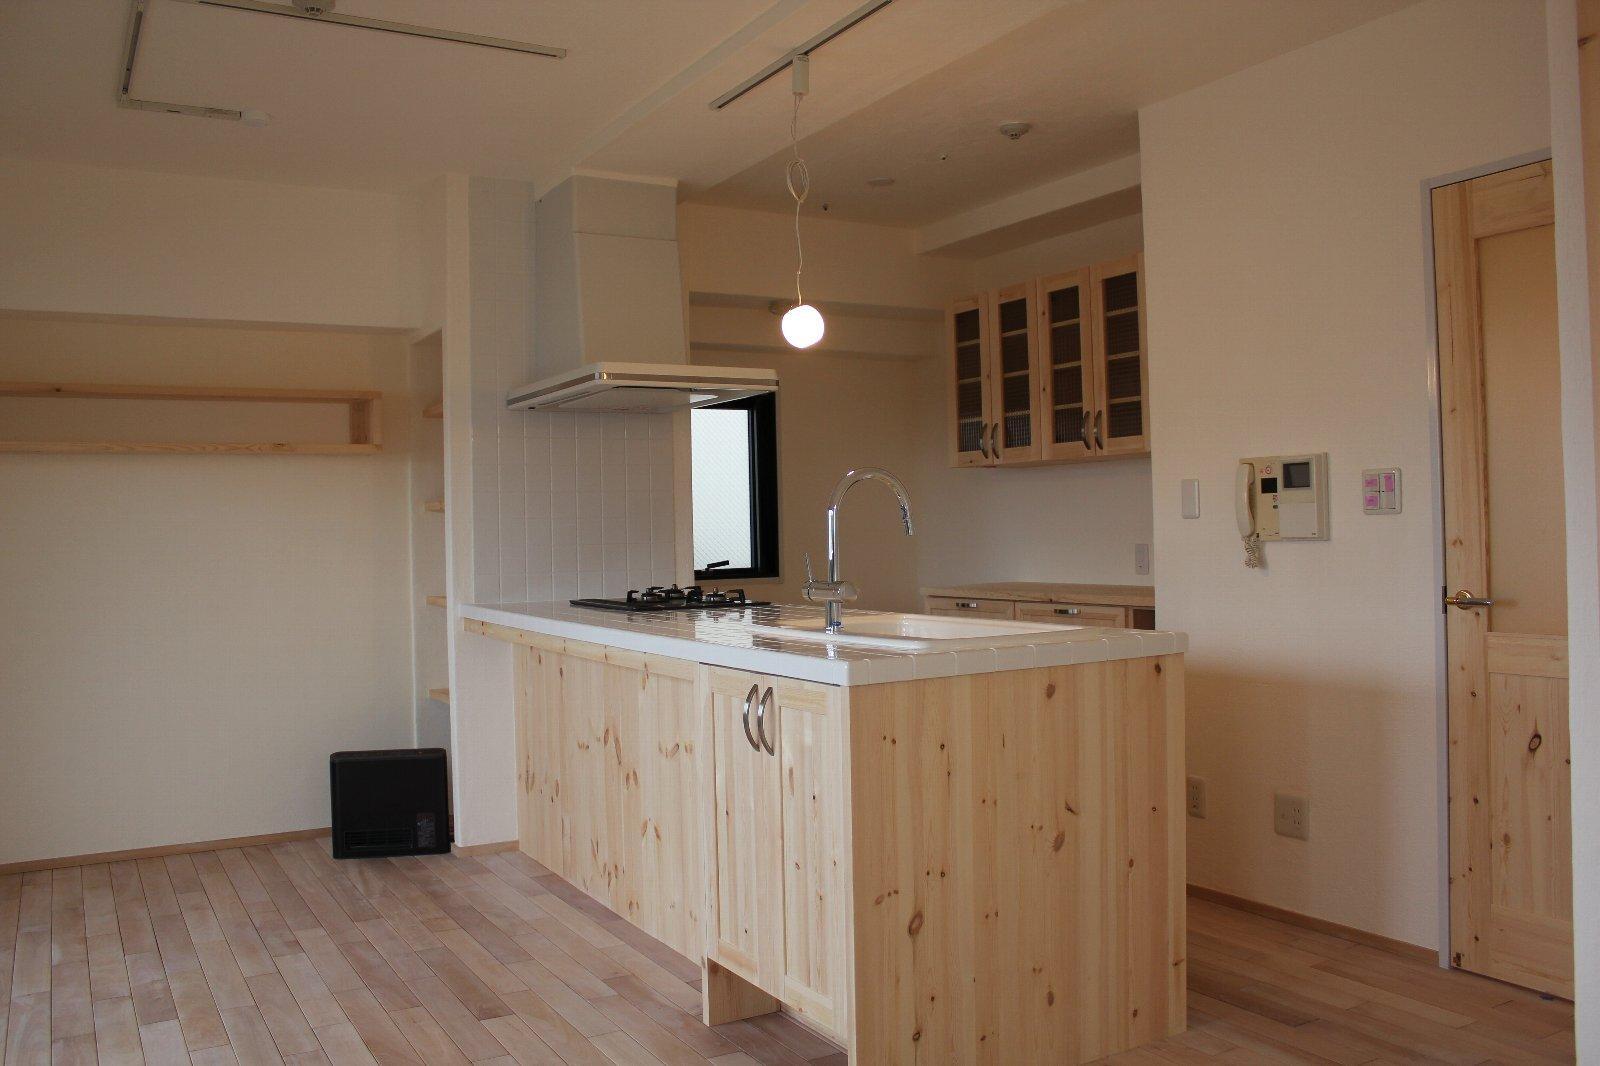 E様邸の部屋 木質感がおしゃれなキッチン